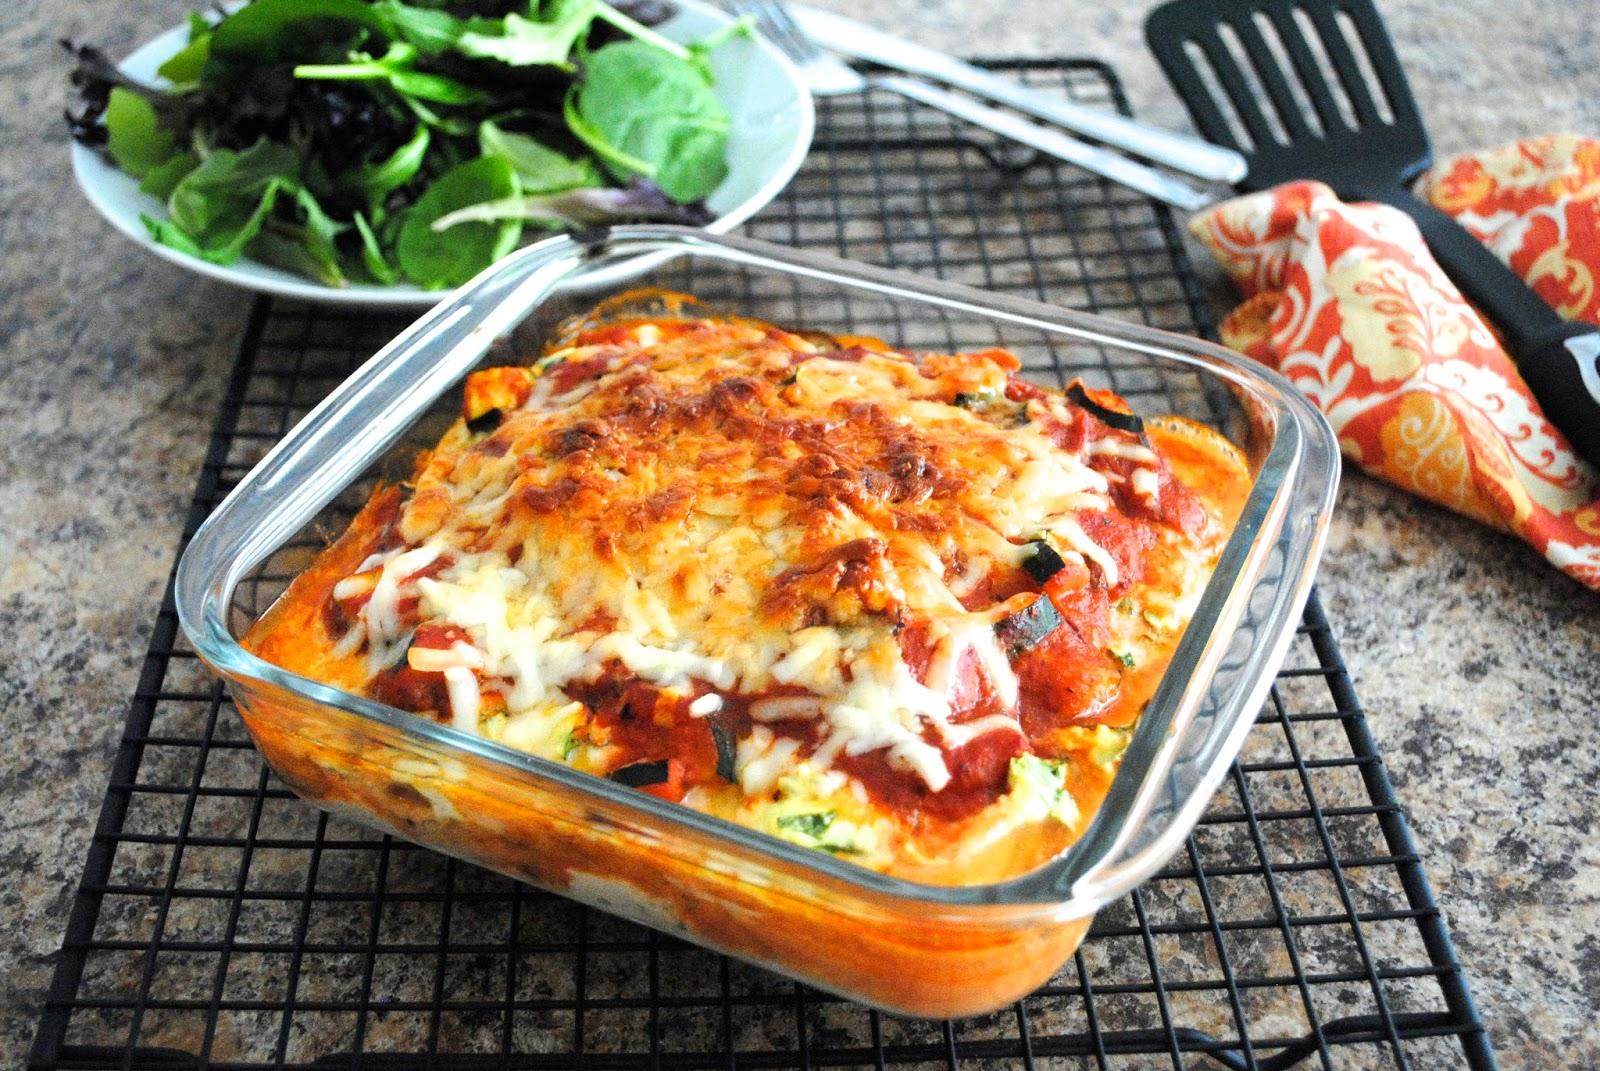 Kitchin-it: Healthy Eggplant Lasagna!